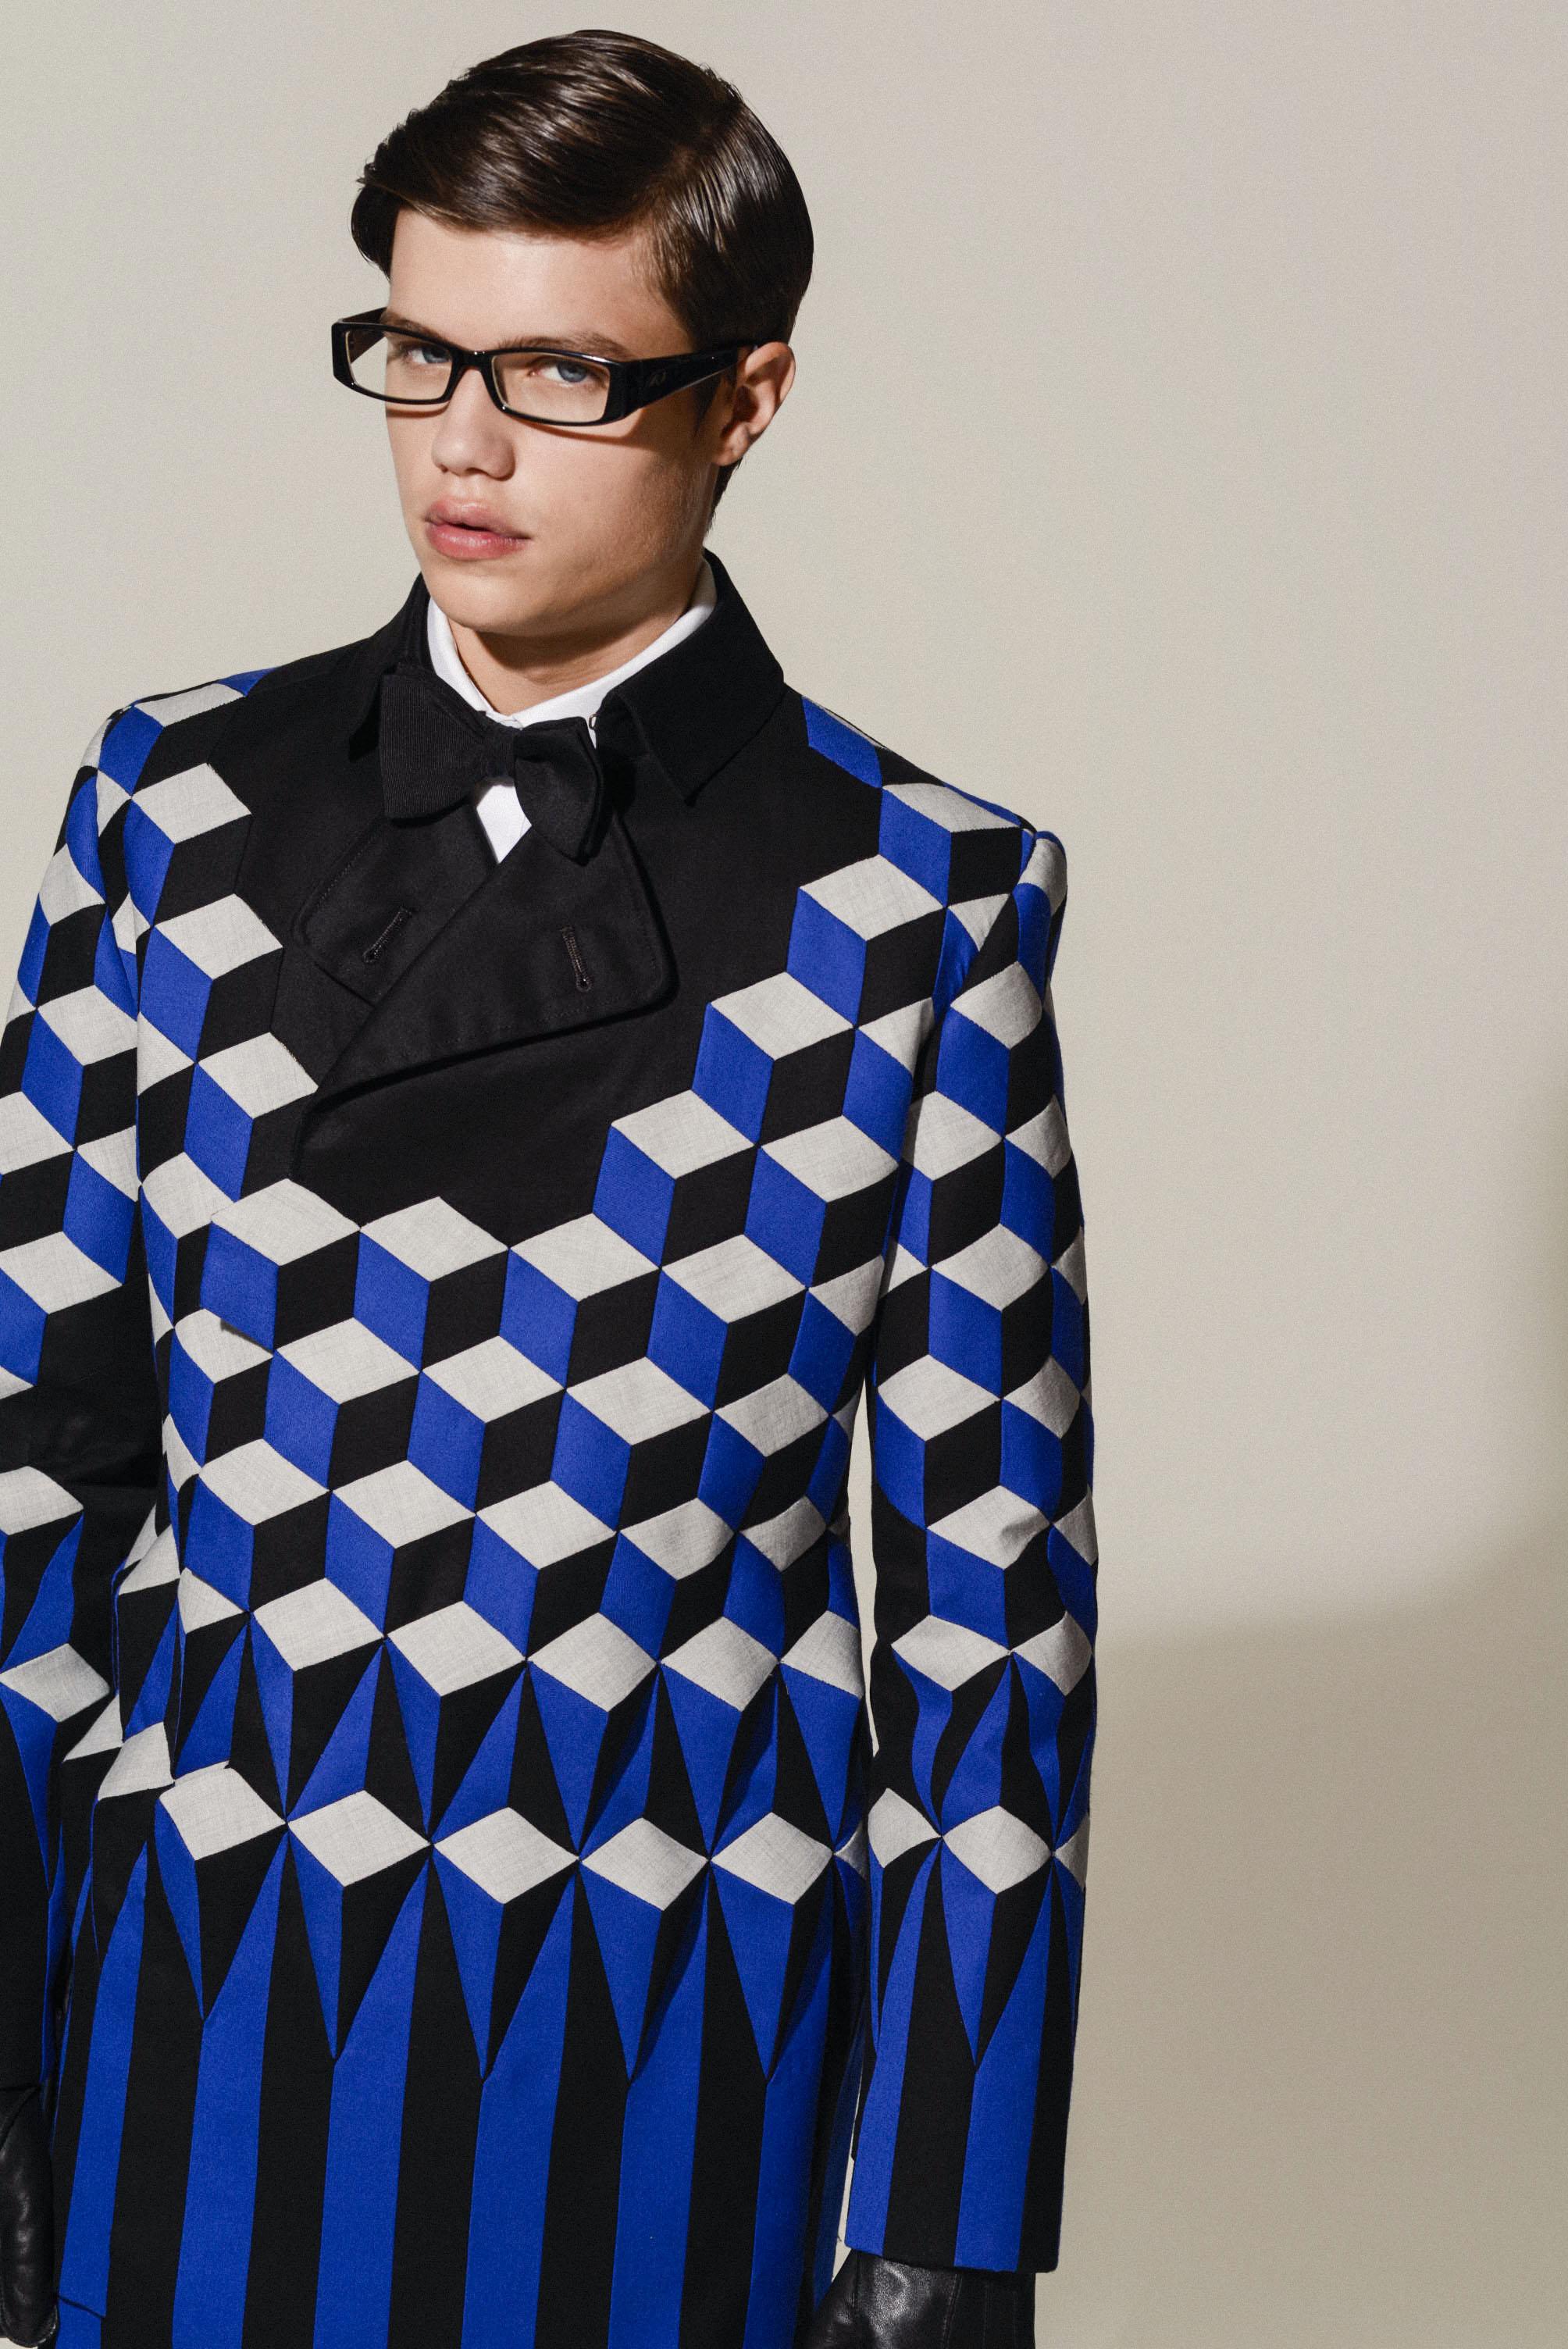 Middle Ages to Modern: Ichiro Suzuki's Menswear Collection